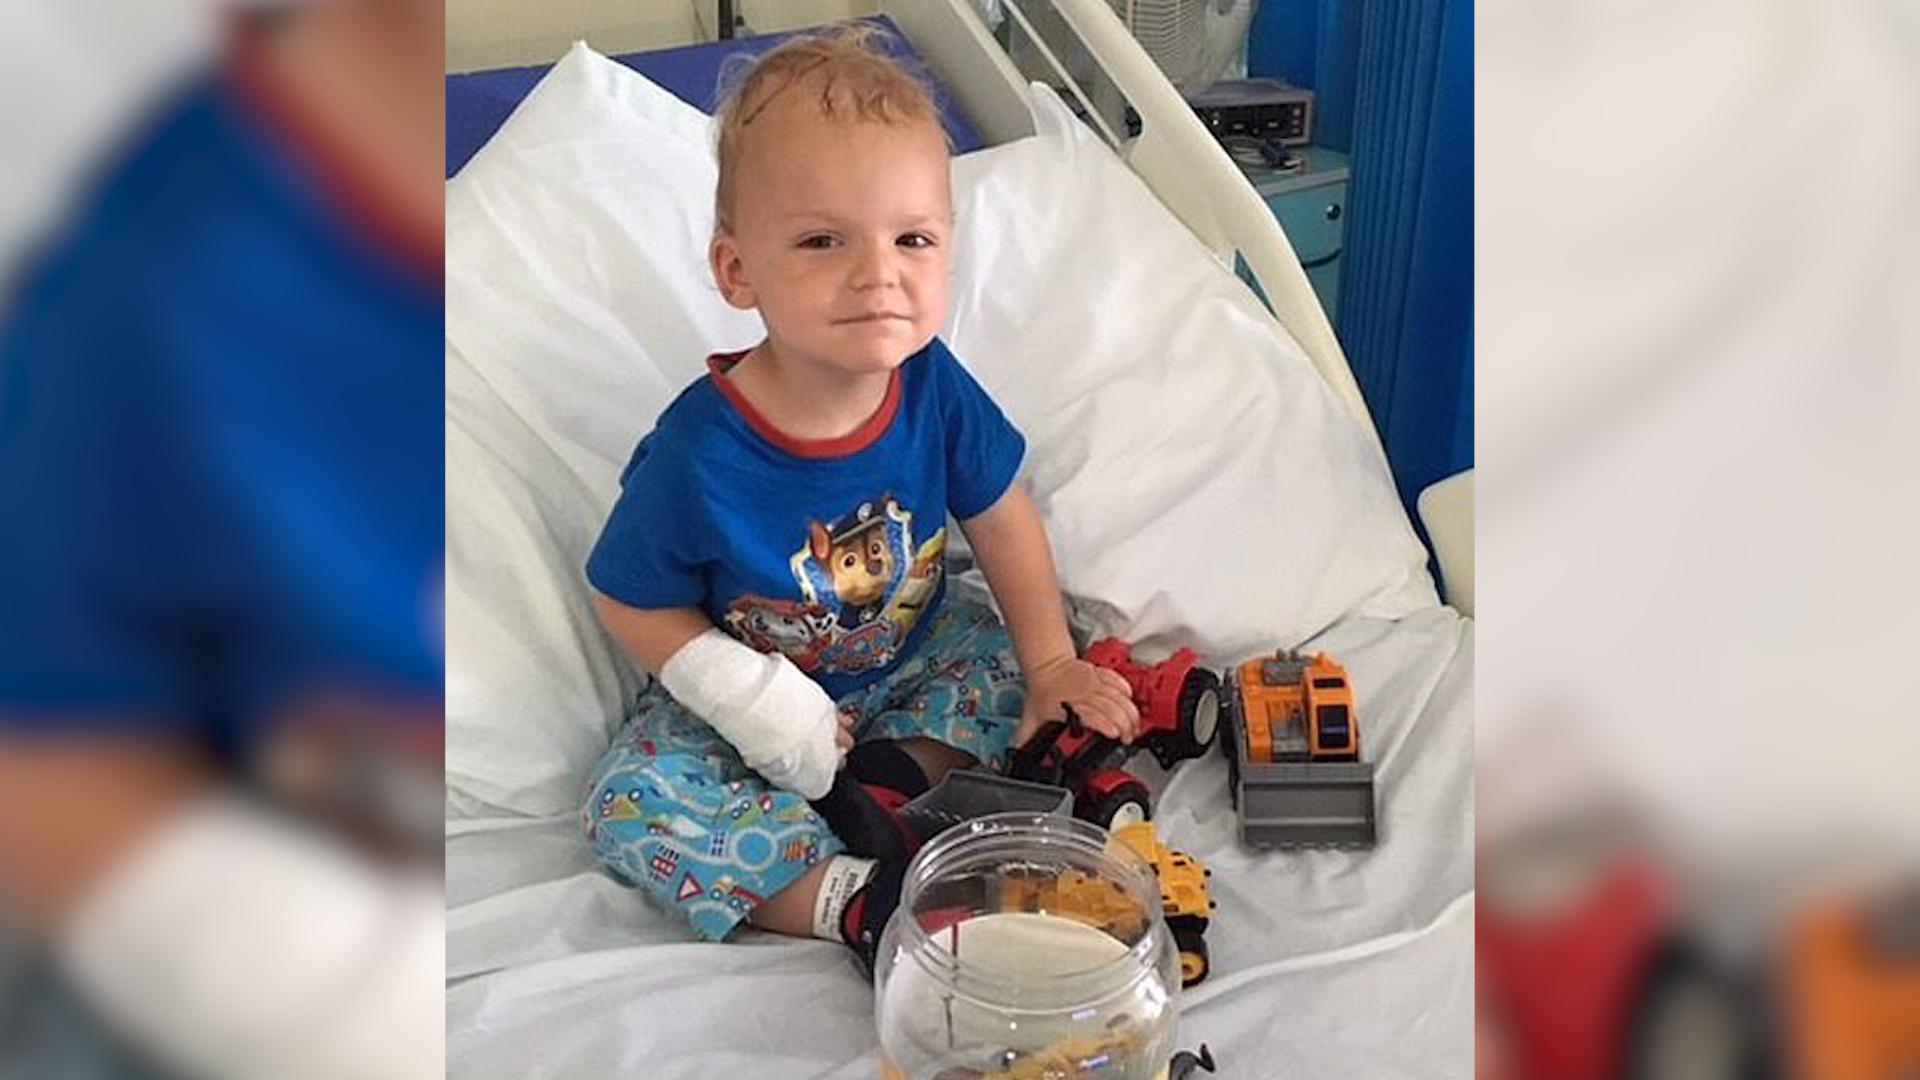 Dziecko z rzadkim nowotworem